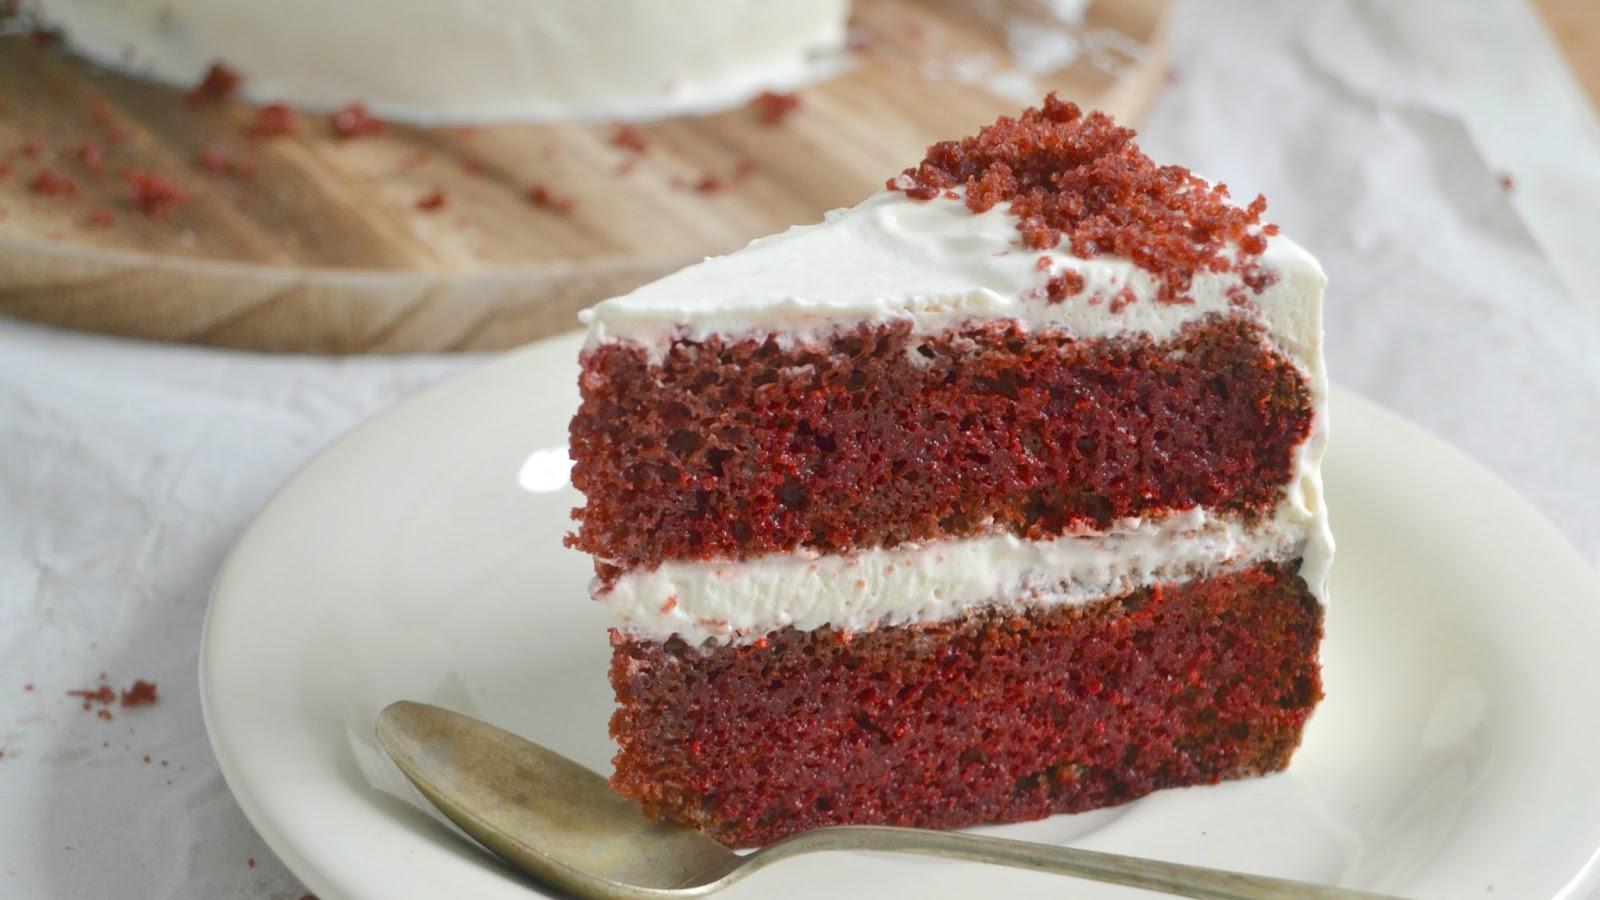 Tarta red velvet o terciopelo rojo